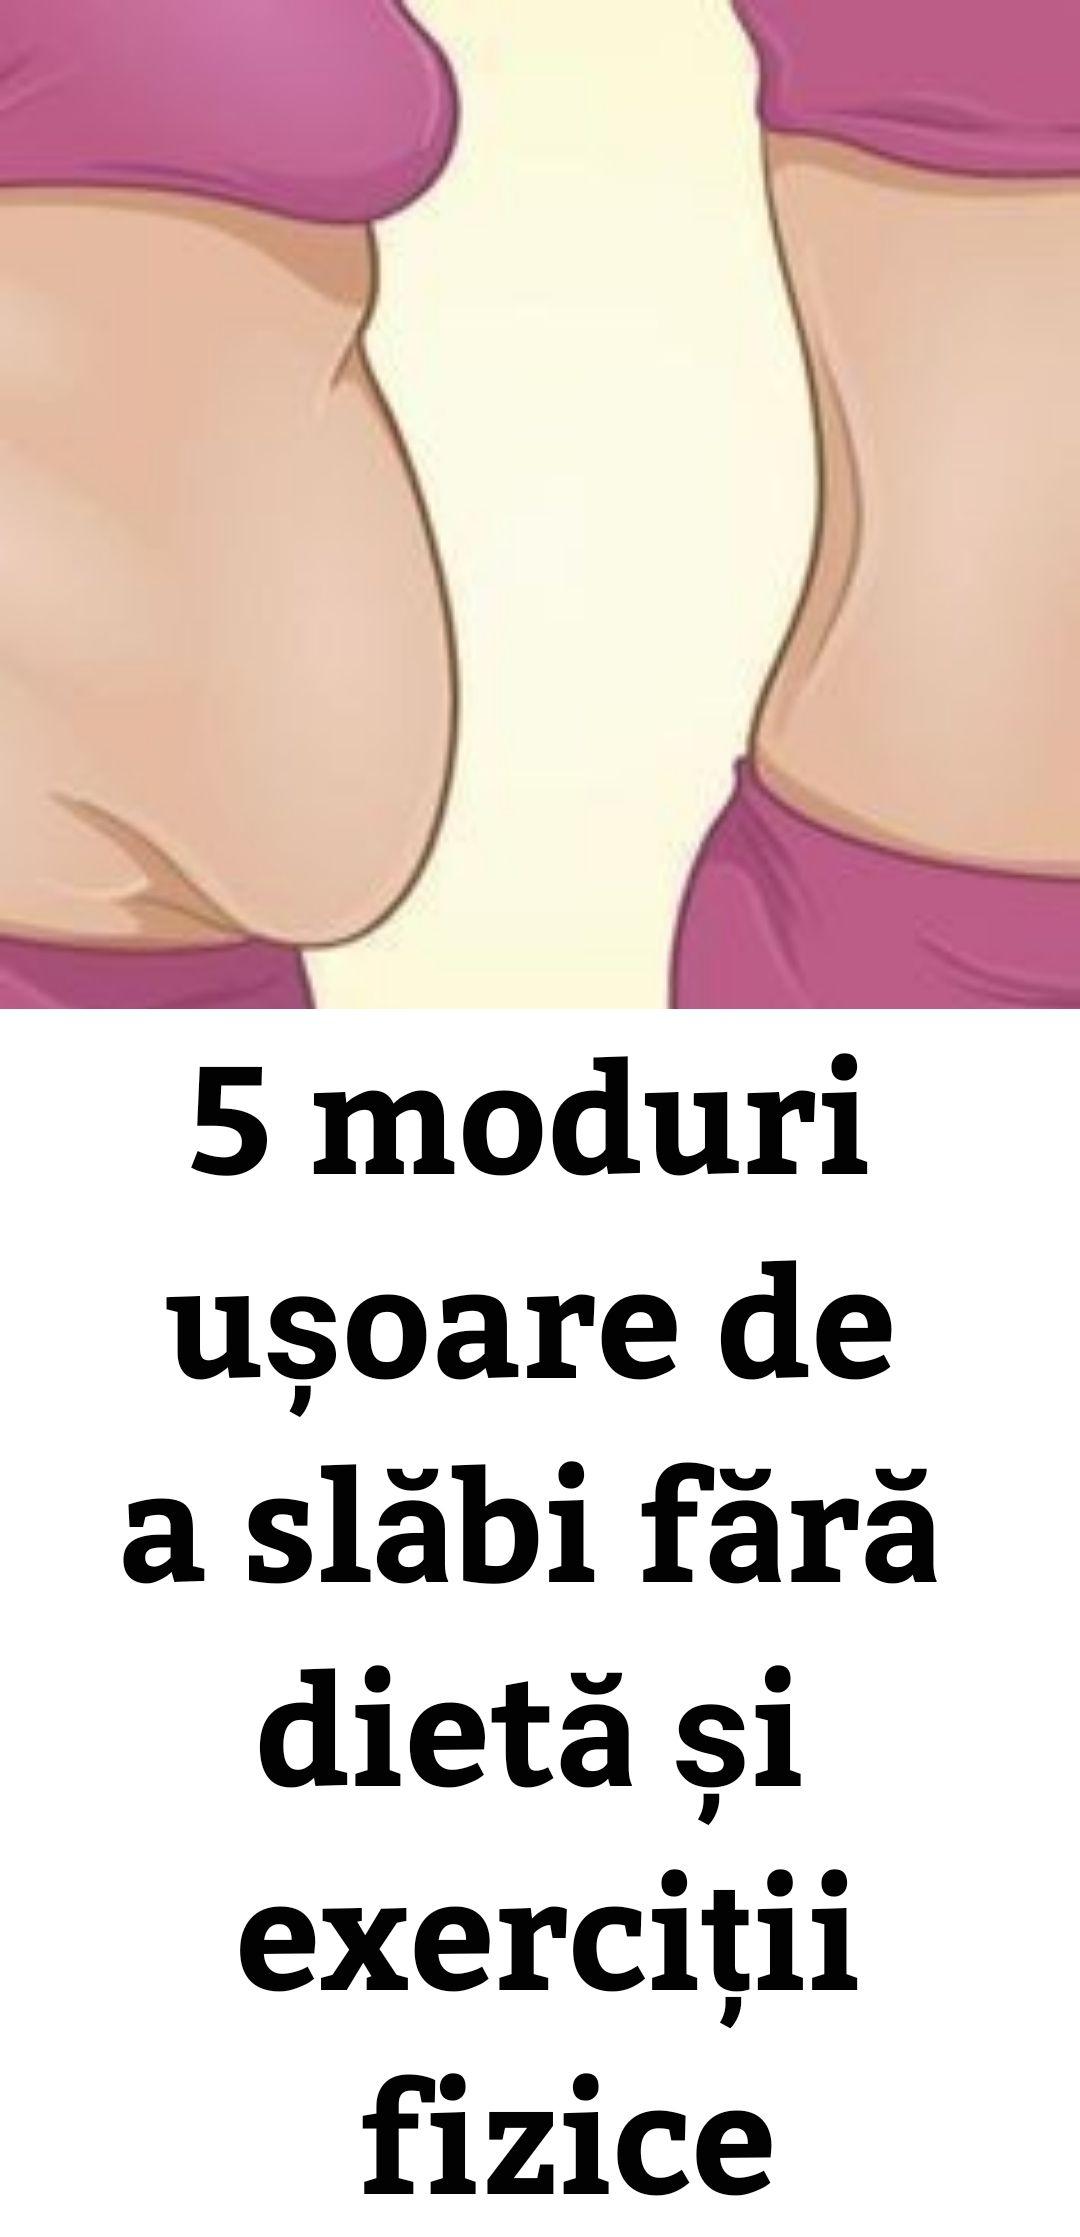 supliment pentru pierderea în greutate a viperei